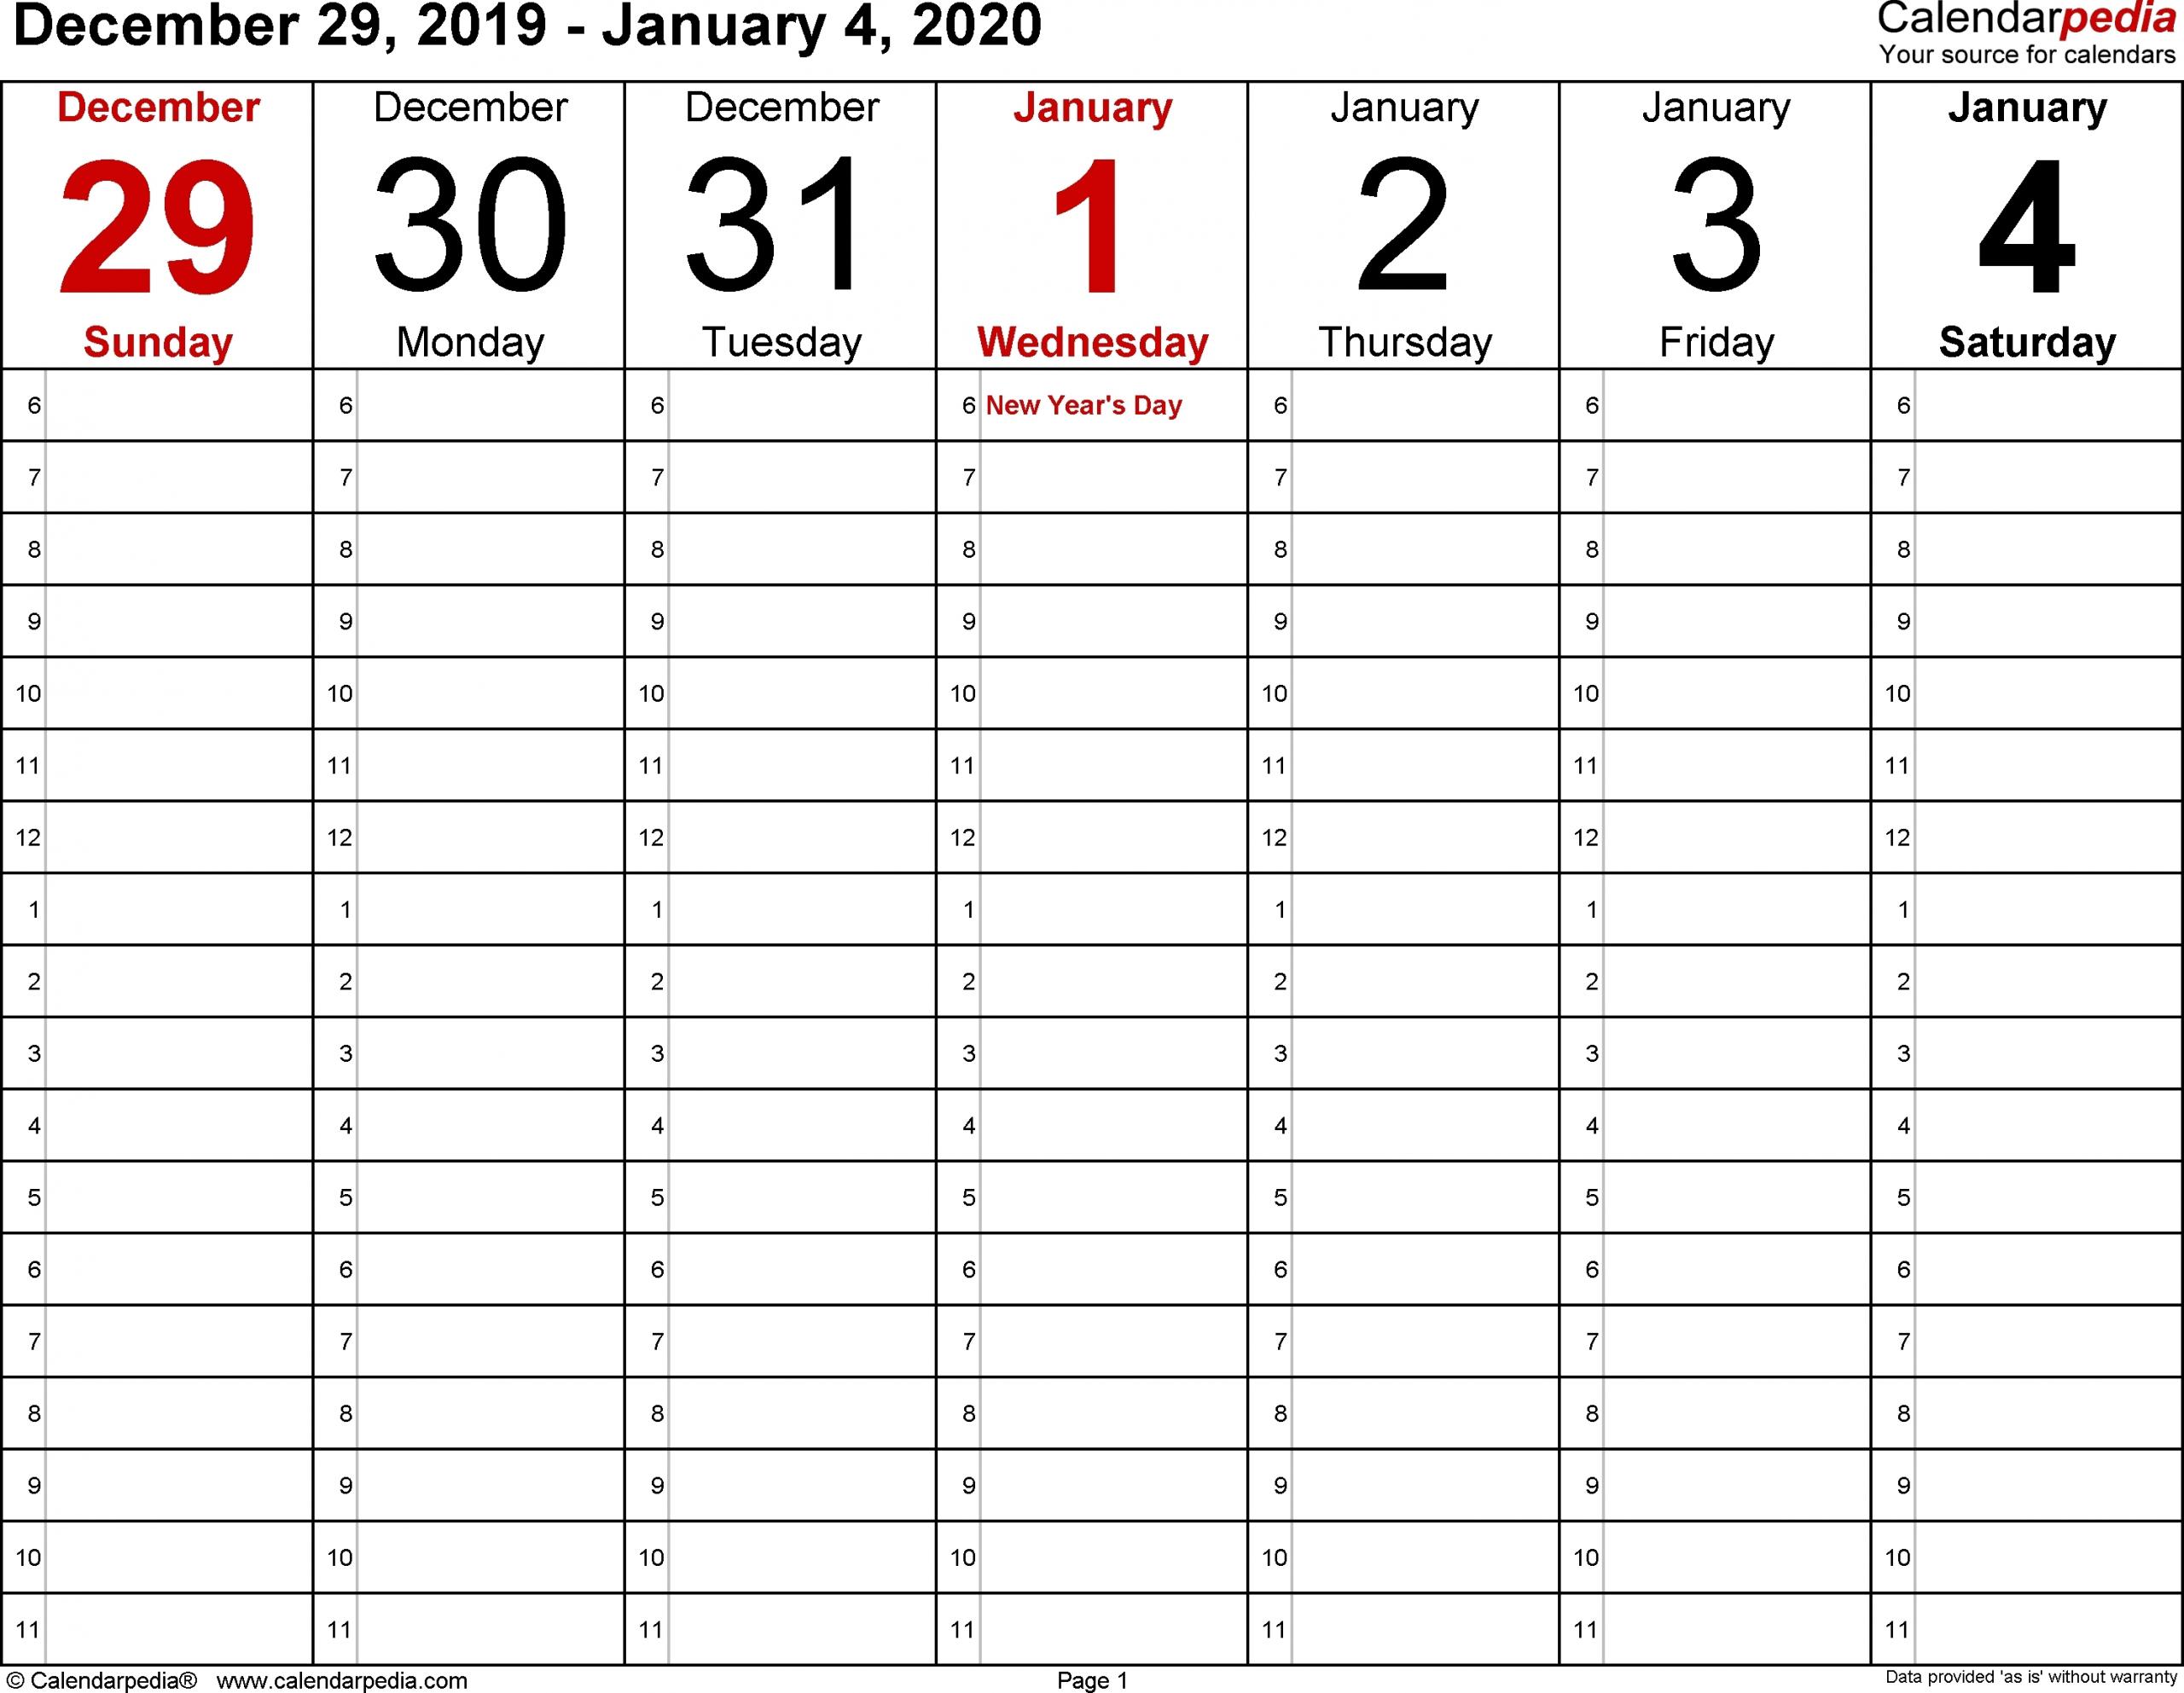 2020 Printable Calendar 8.5 X 11 Free - Calendar Inspiration Design-8.5 X 11 Calendar Print